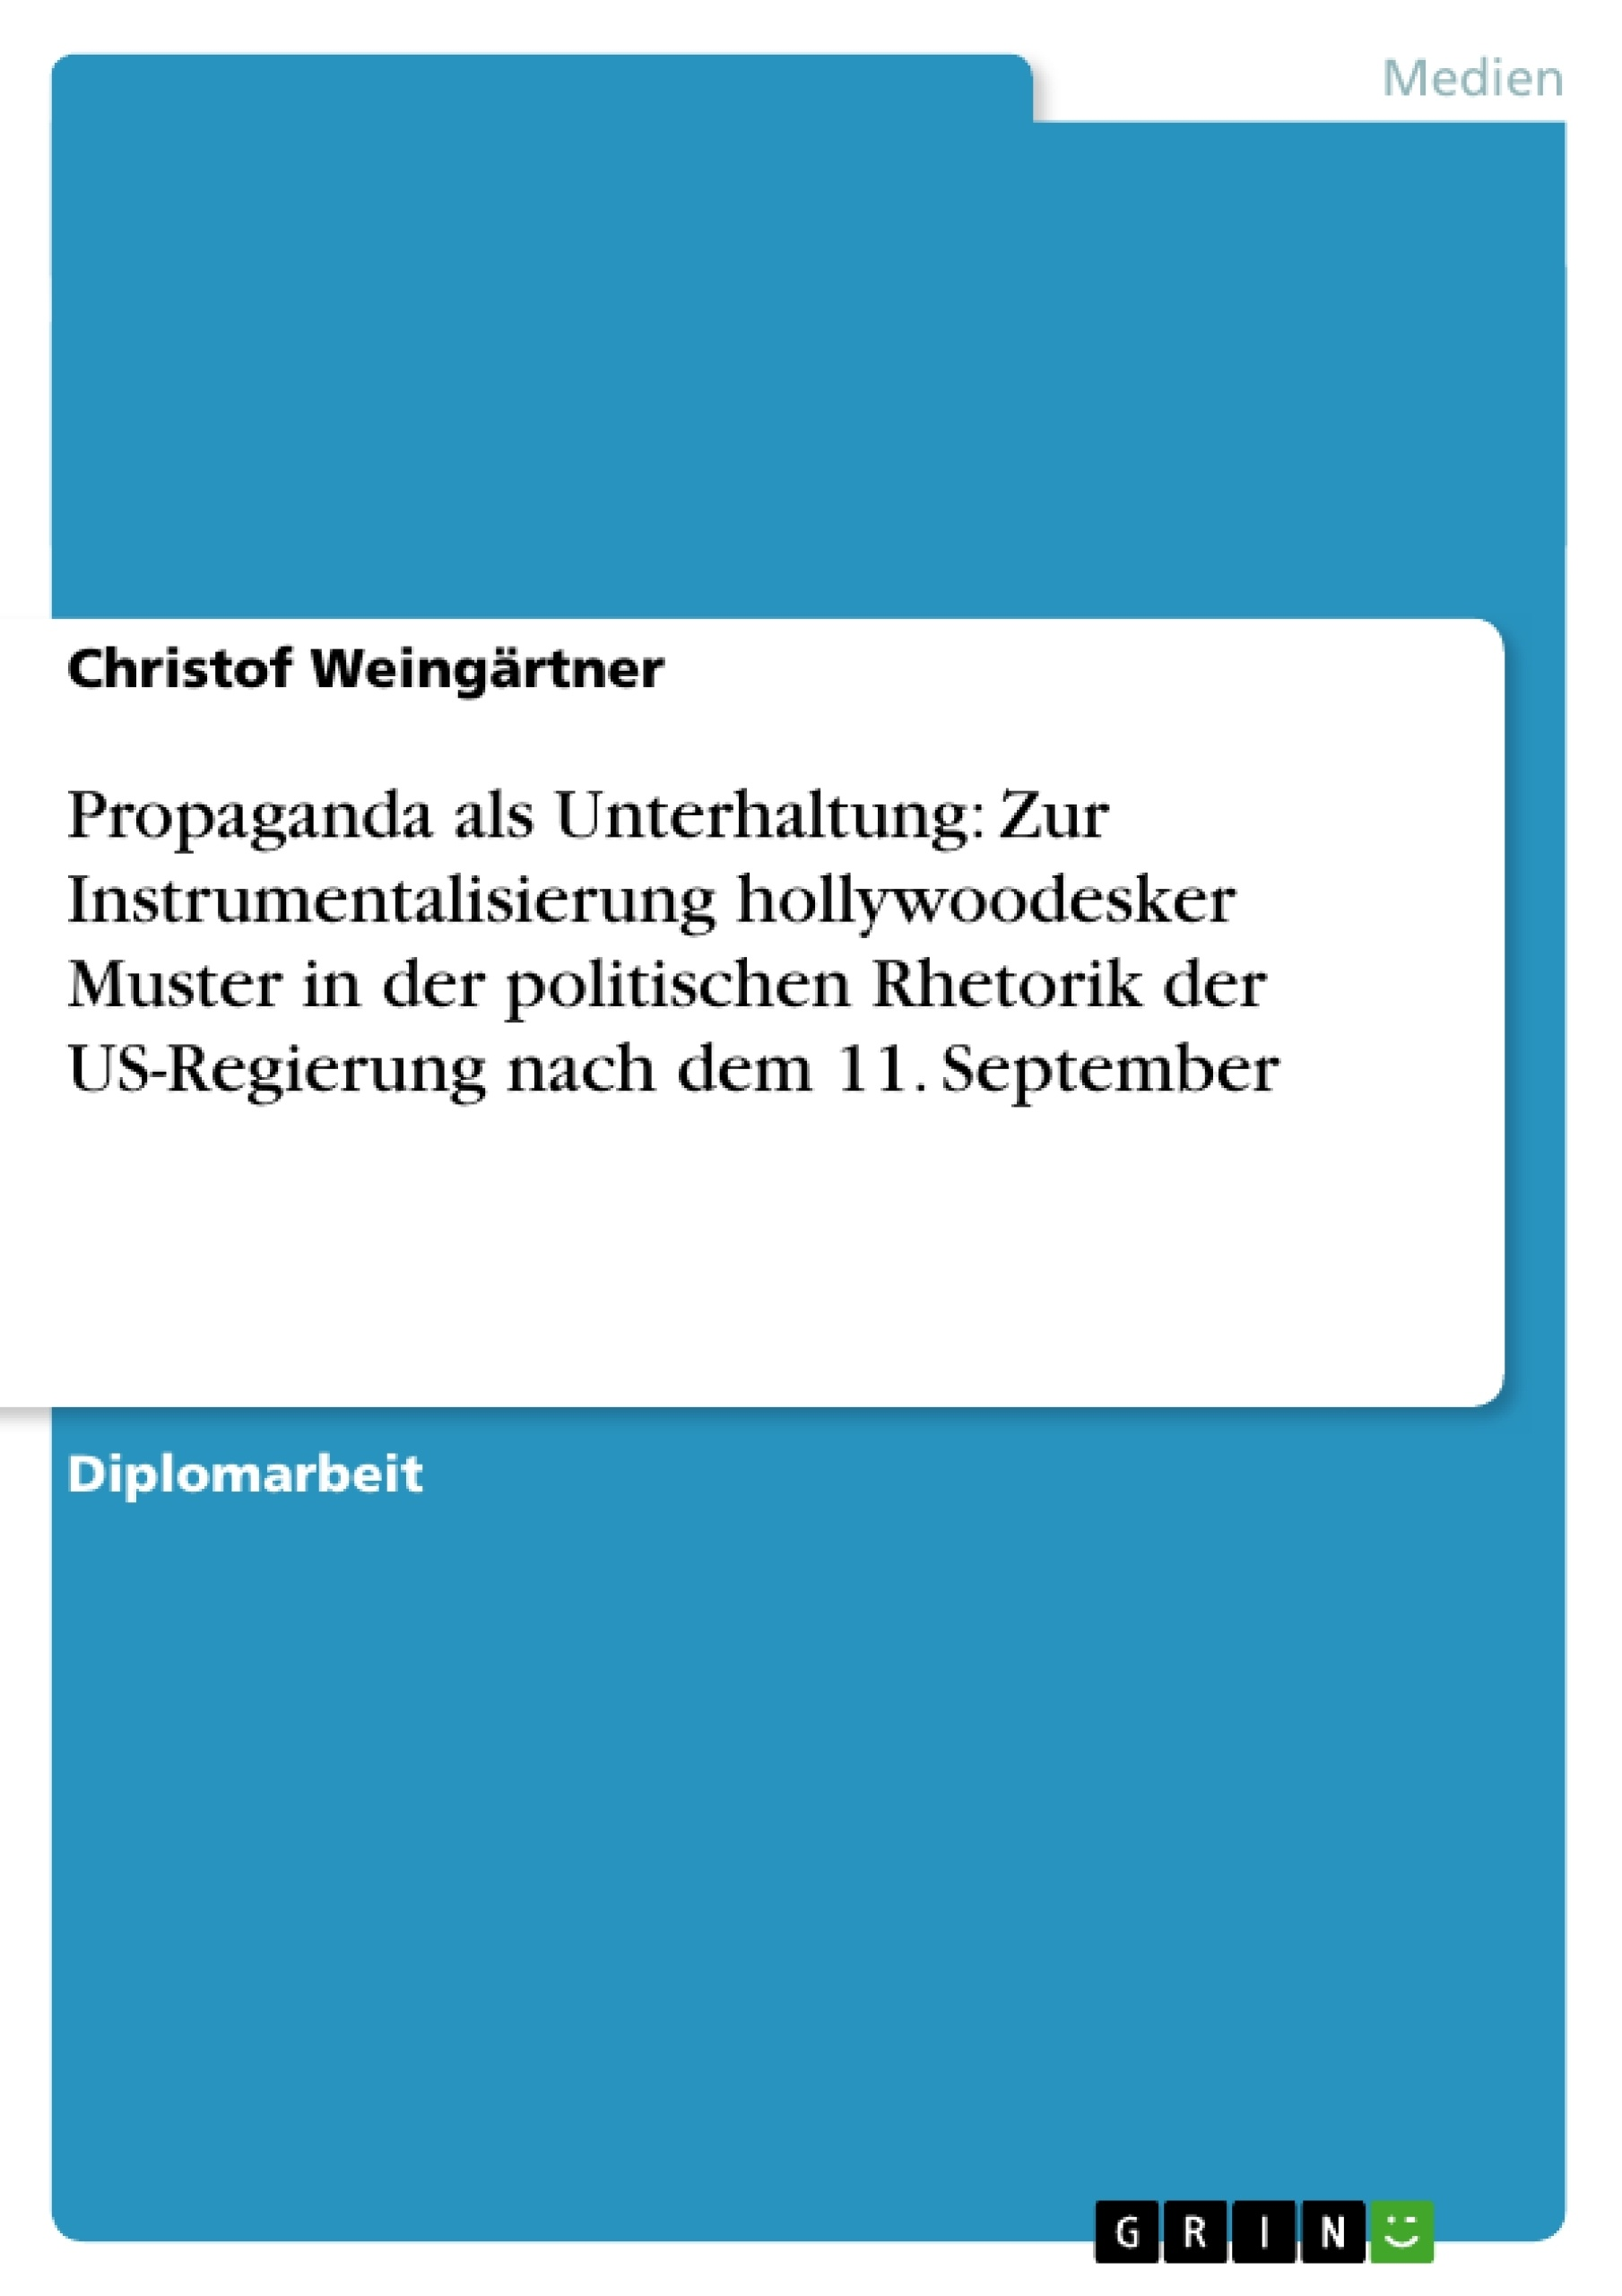 Titel: Propaganda als Unterhaltung: Zur Instrumentalisierung hollywoodesker Muster in der politischen Rhetorik der US-Regierung nach dem 11. September